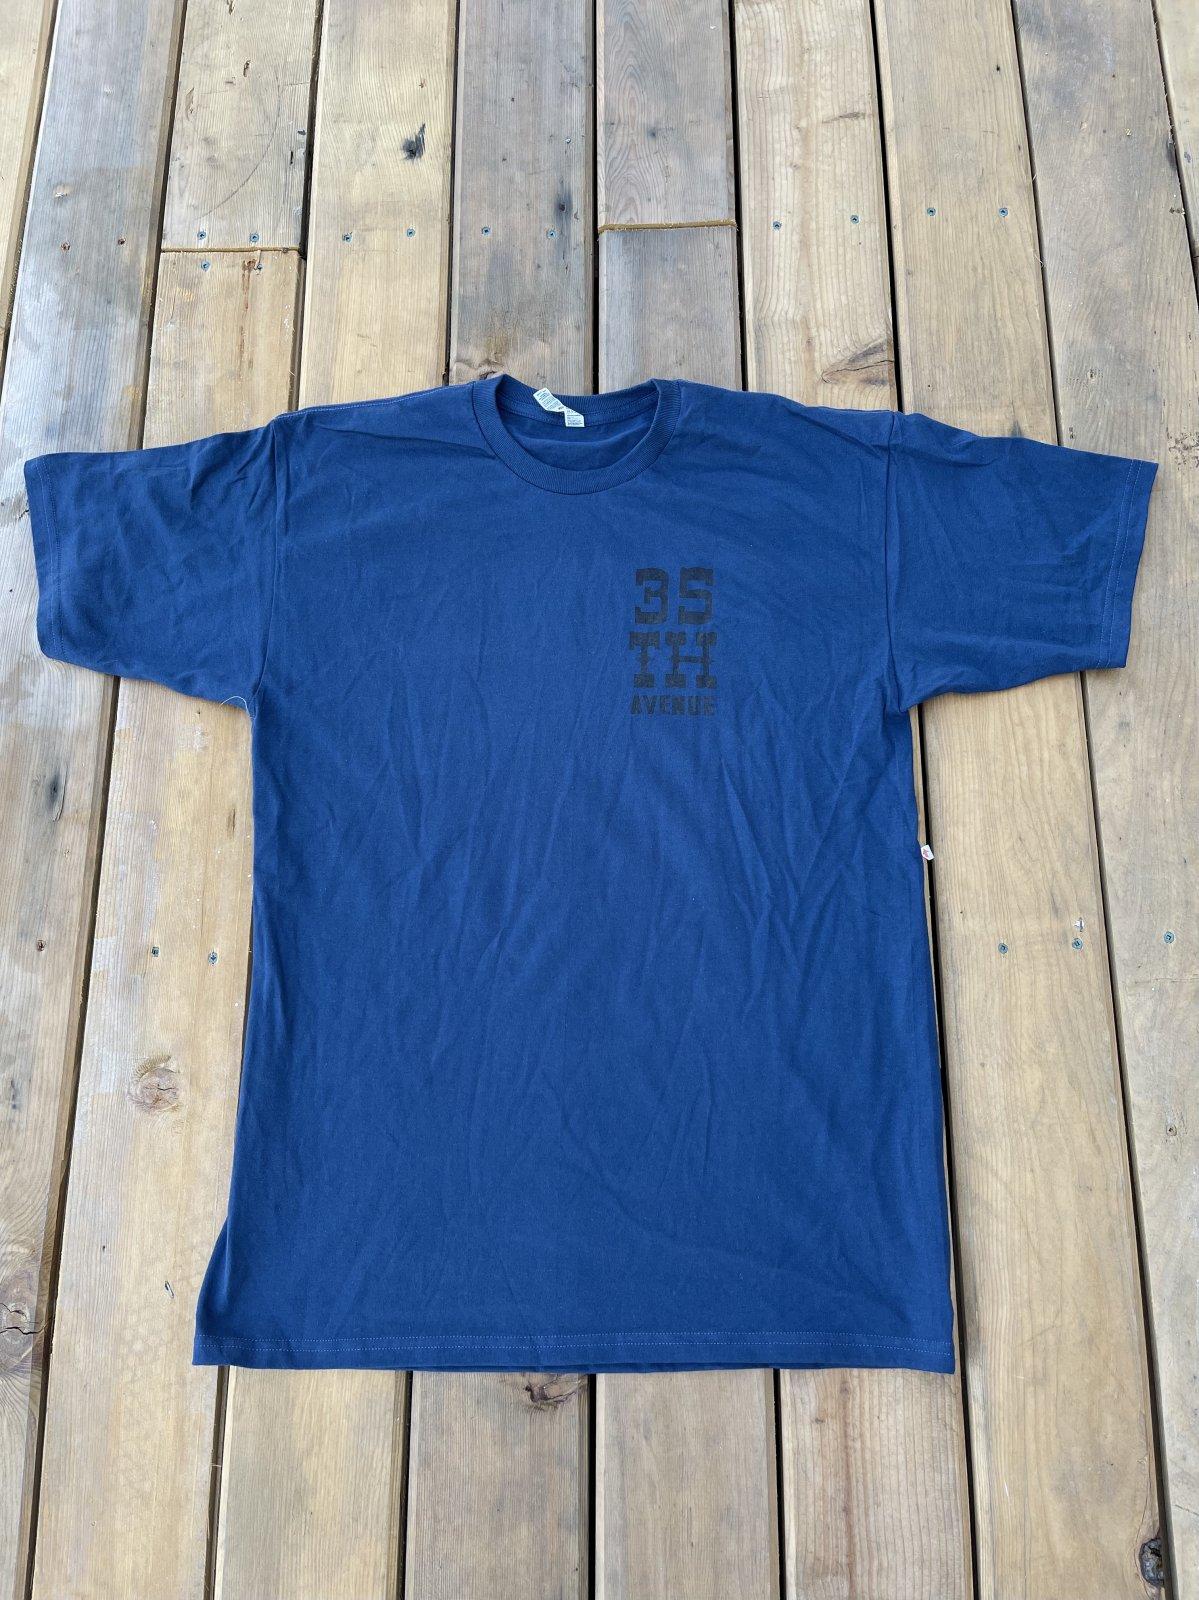 35th Snake n Boot s/s t shirt harbor blue